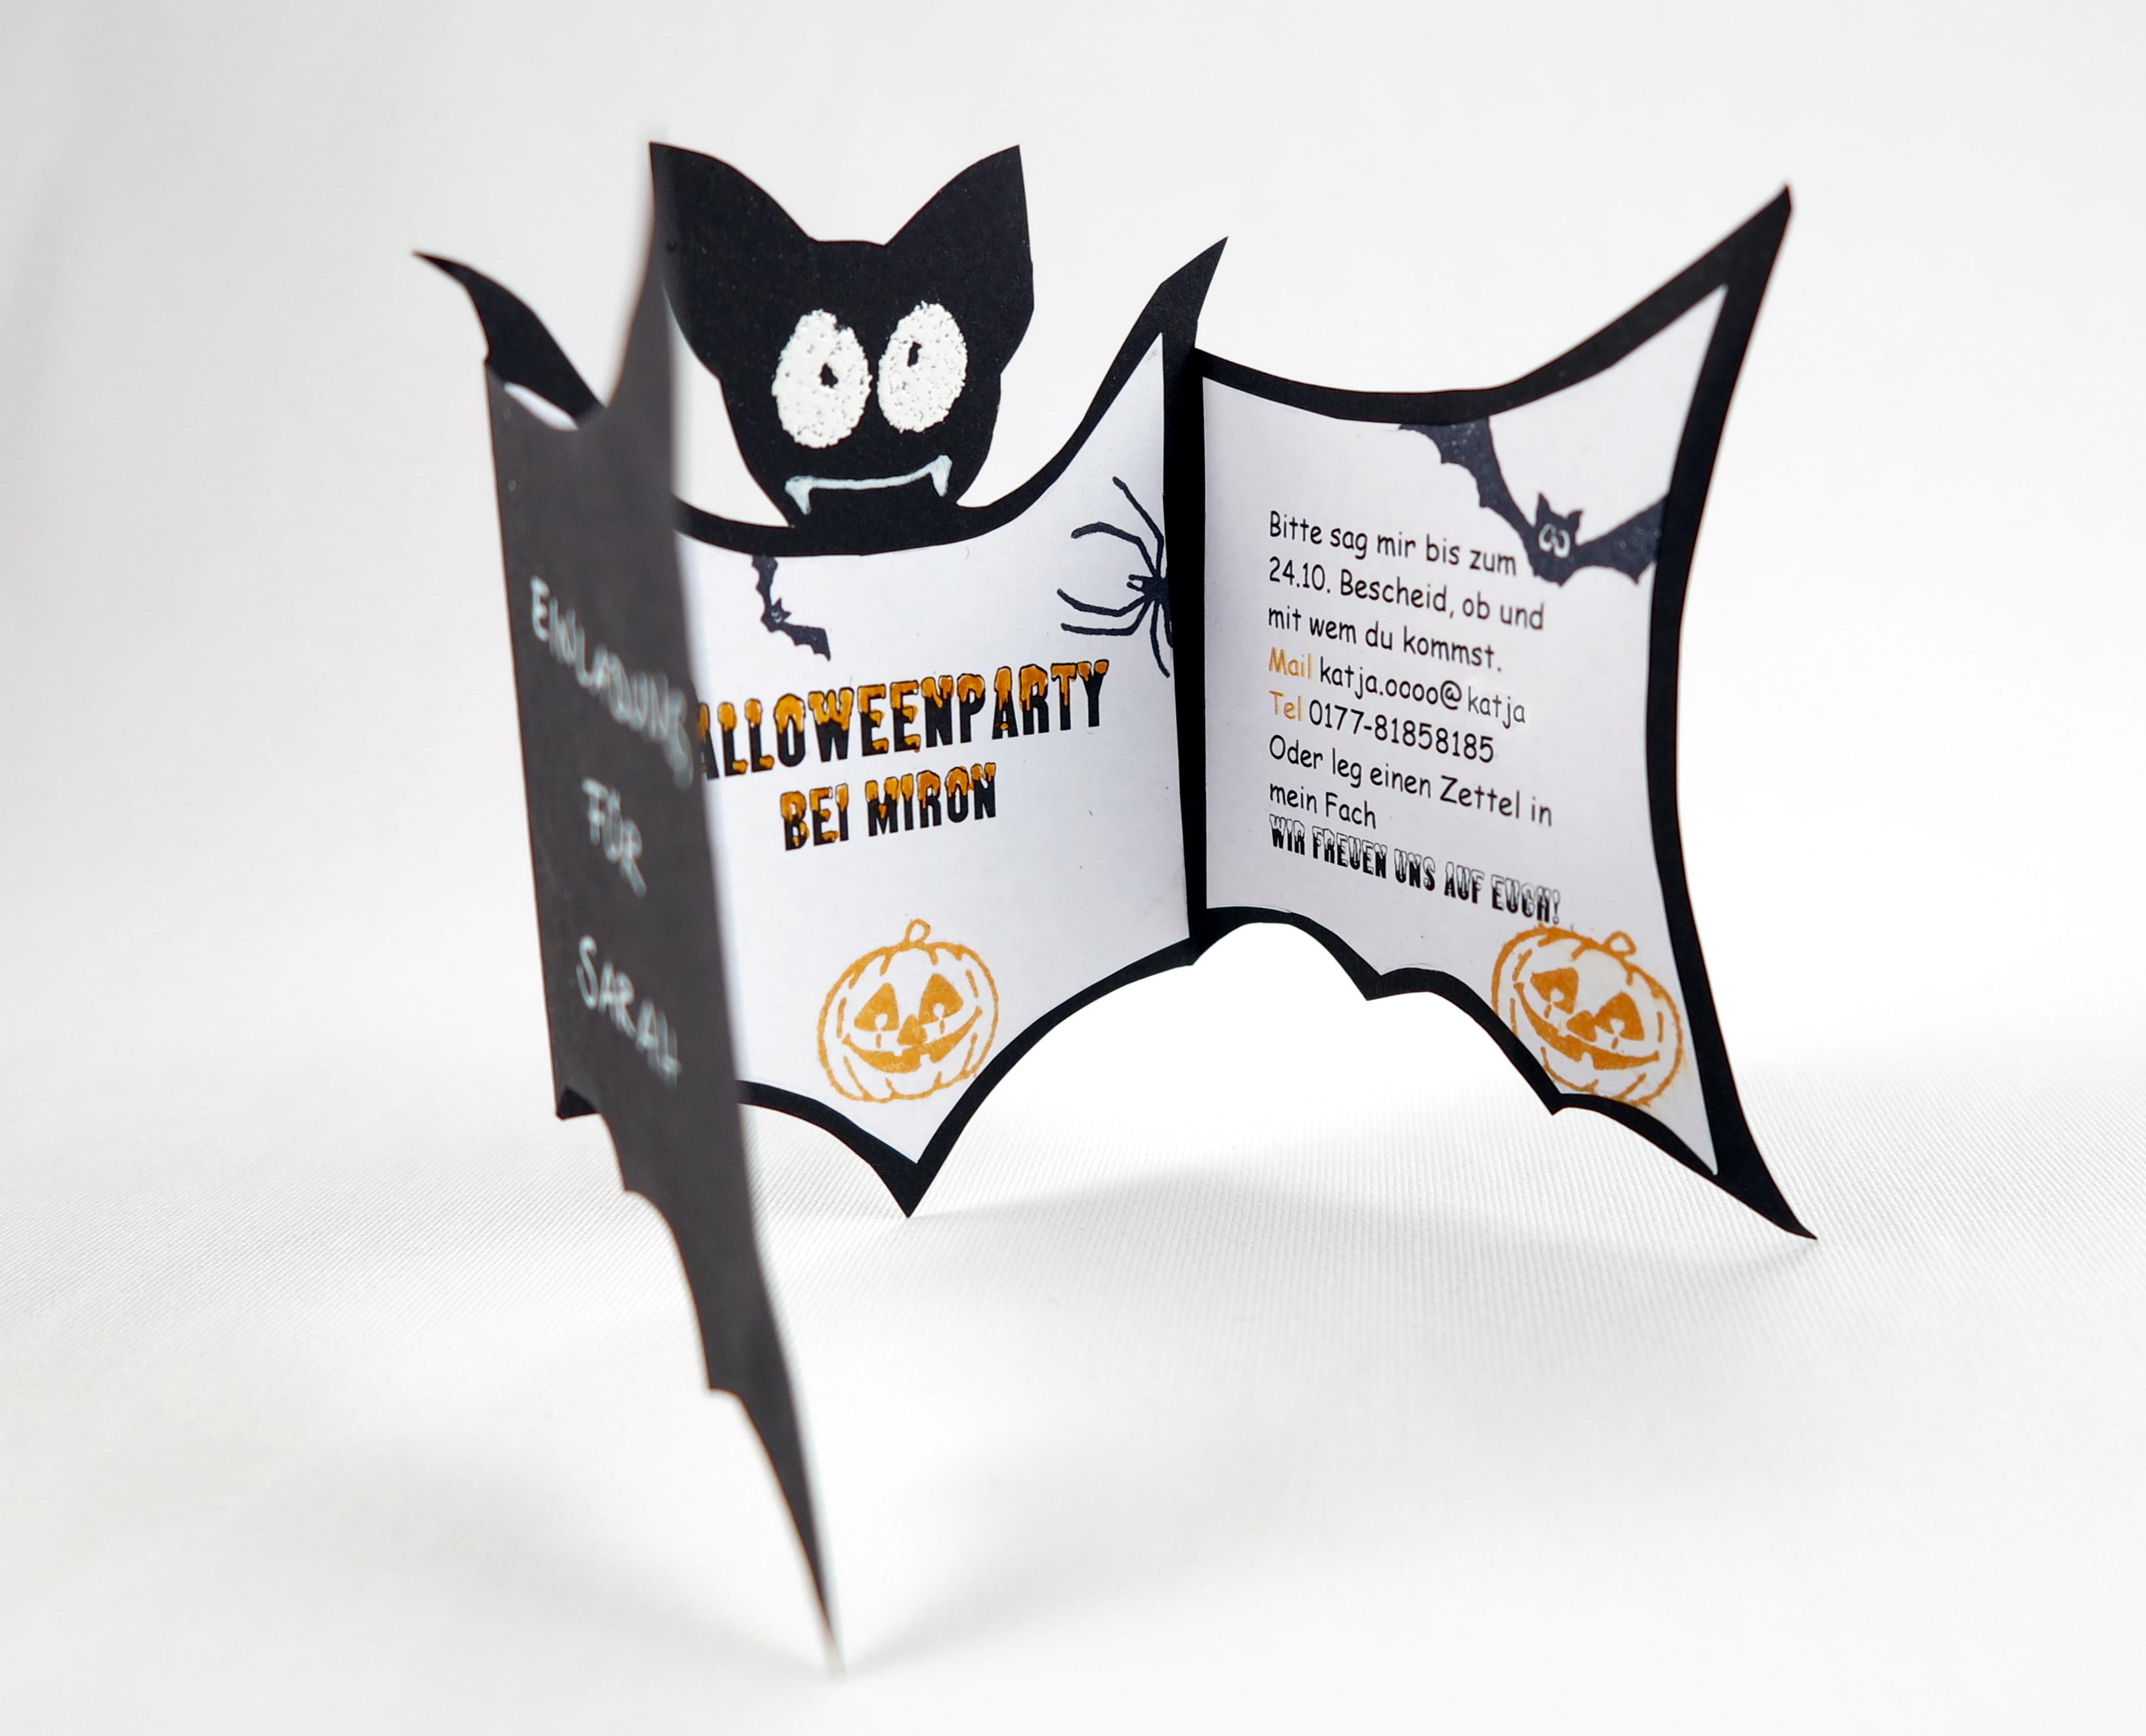 ... Party Einladungen Ideen Auf Pinterest. Halloween | Bastelperli.  Halloween Bastelperli